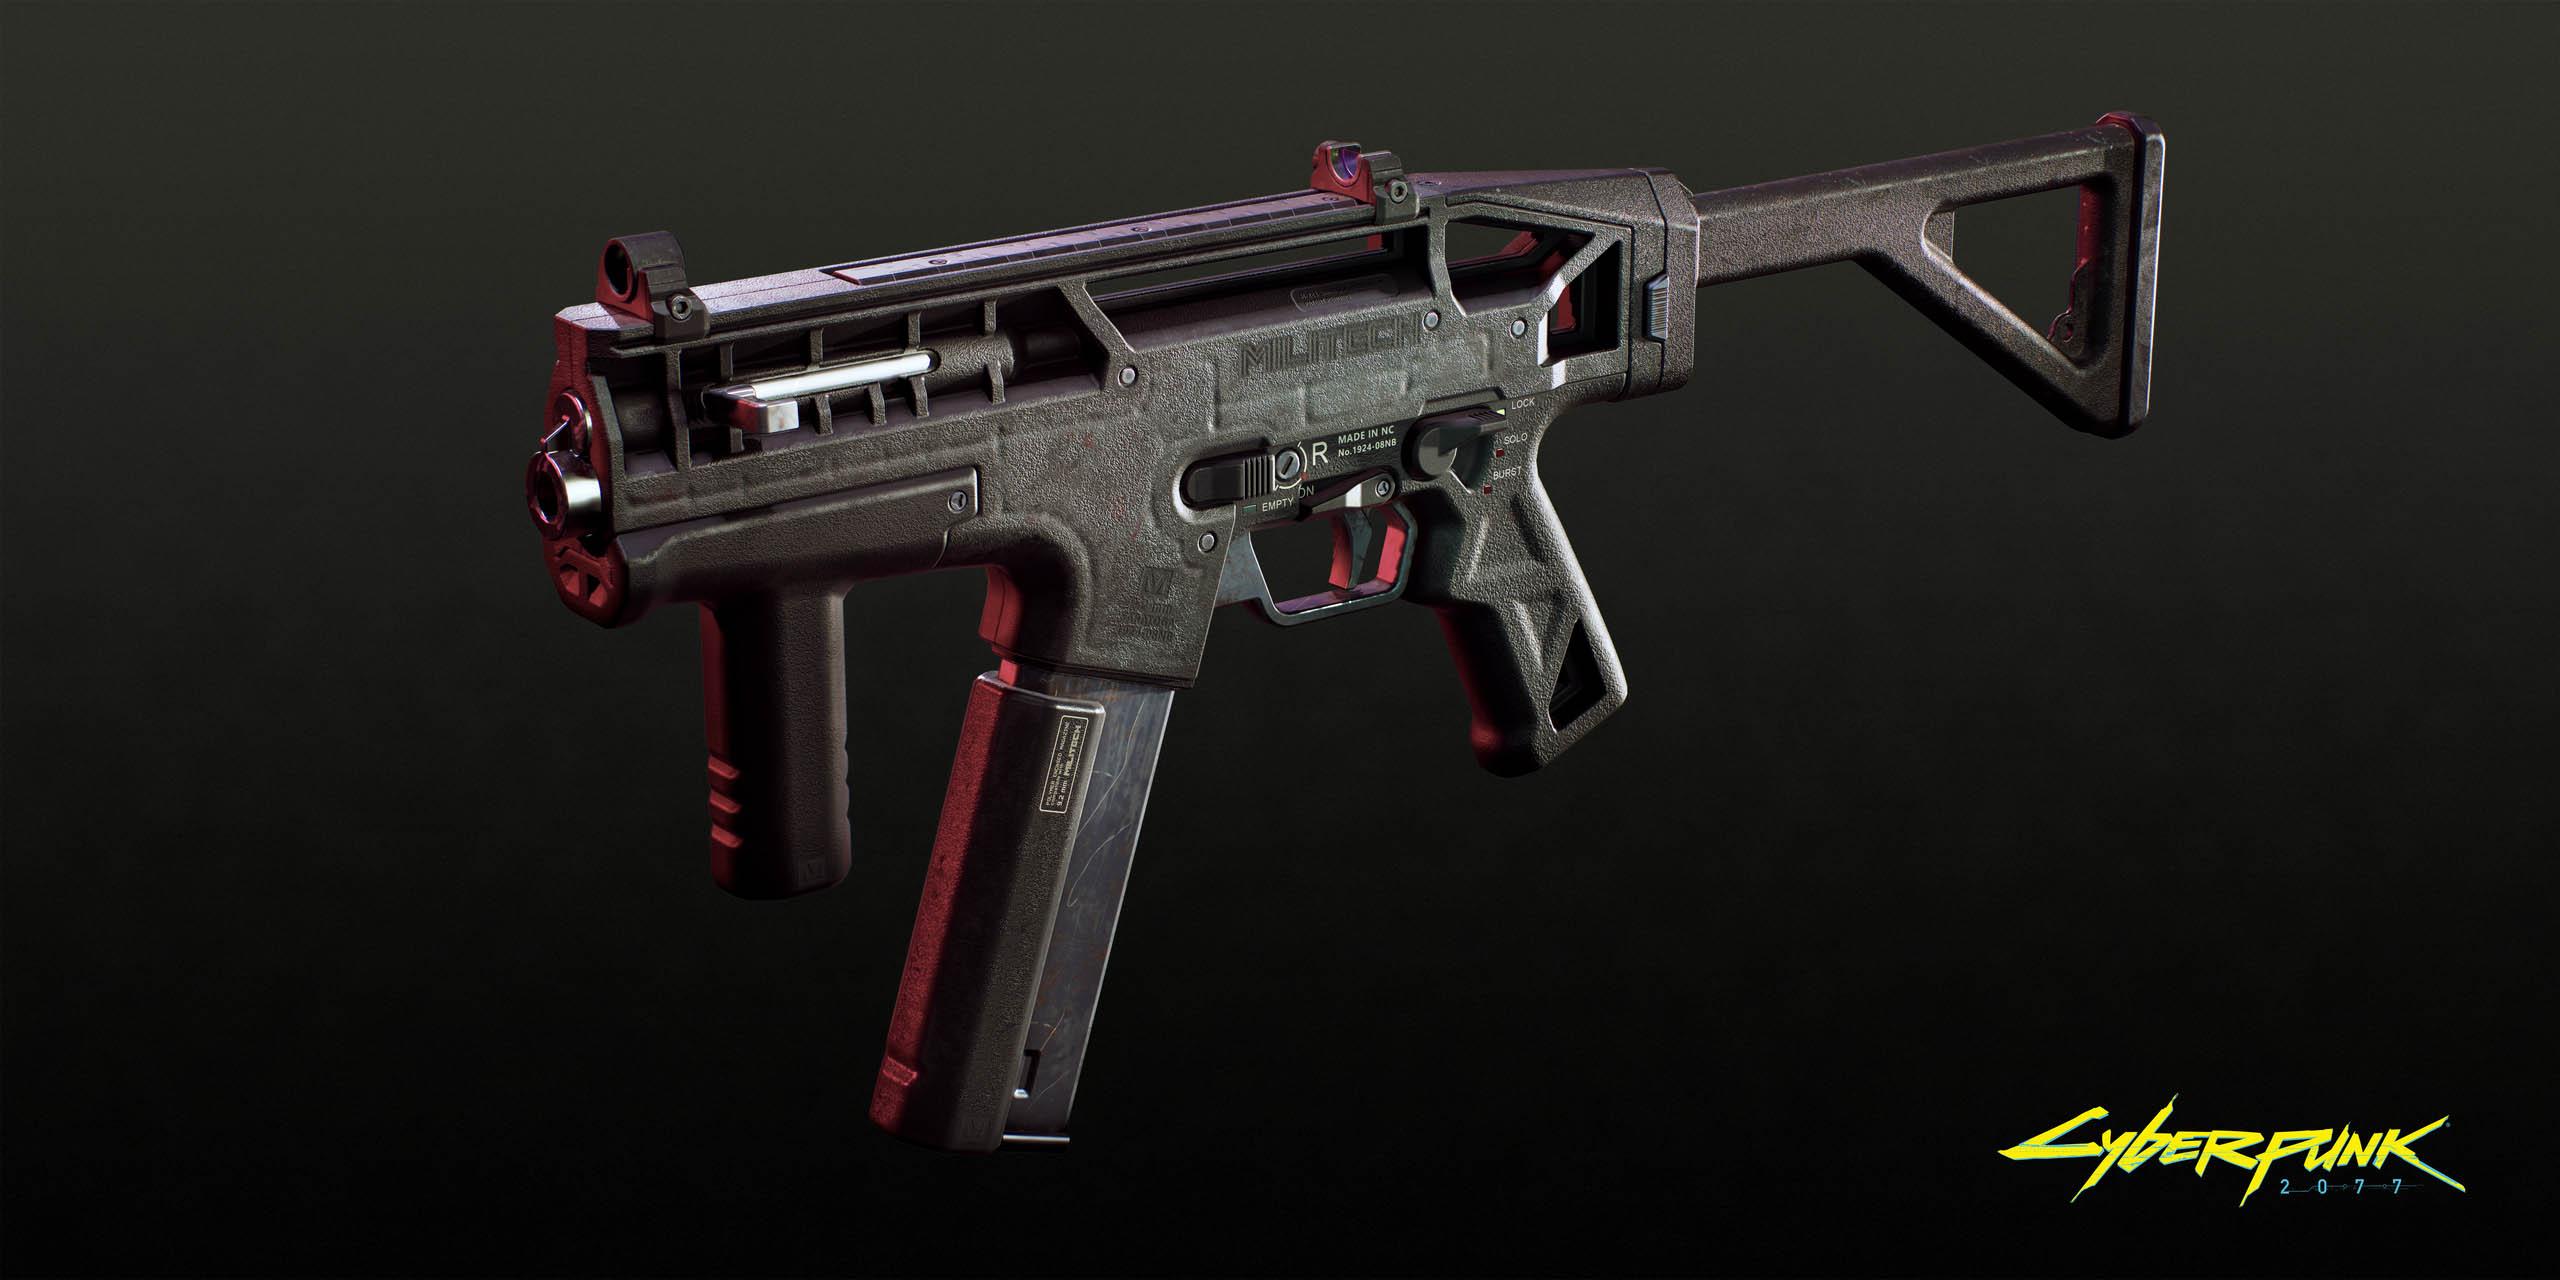 《赛博朋克2077》将有哪些枪械登场?来看看这些吧